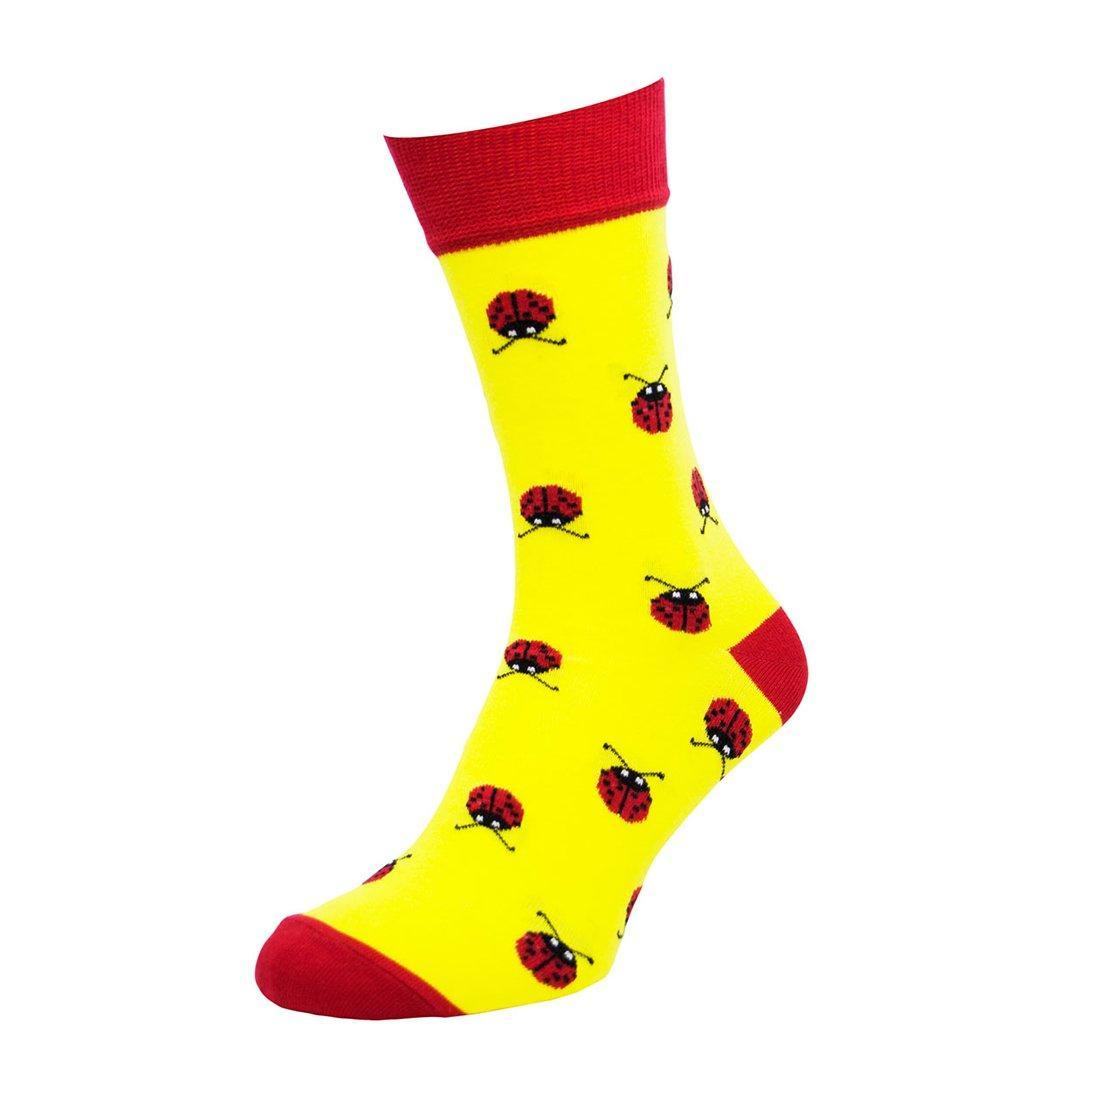 Носки мужские цветные из хлопка, божья коровка, жёлтые